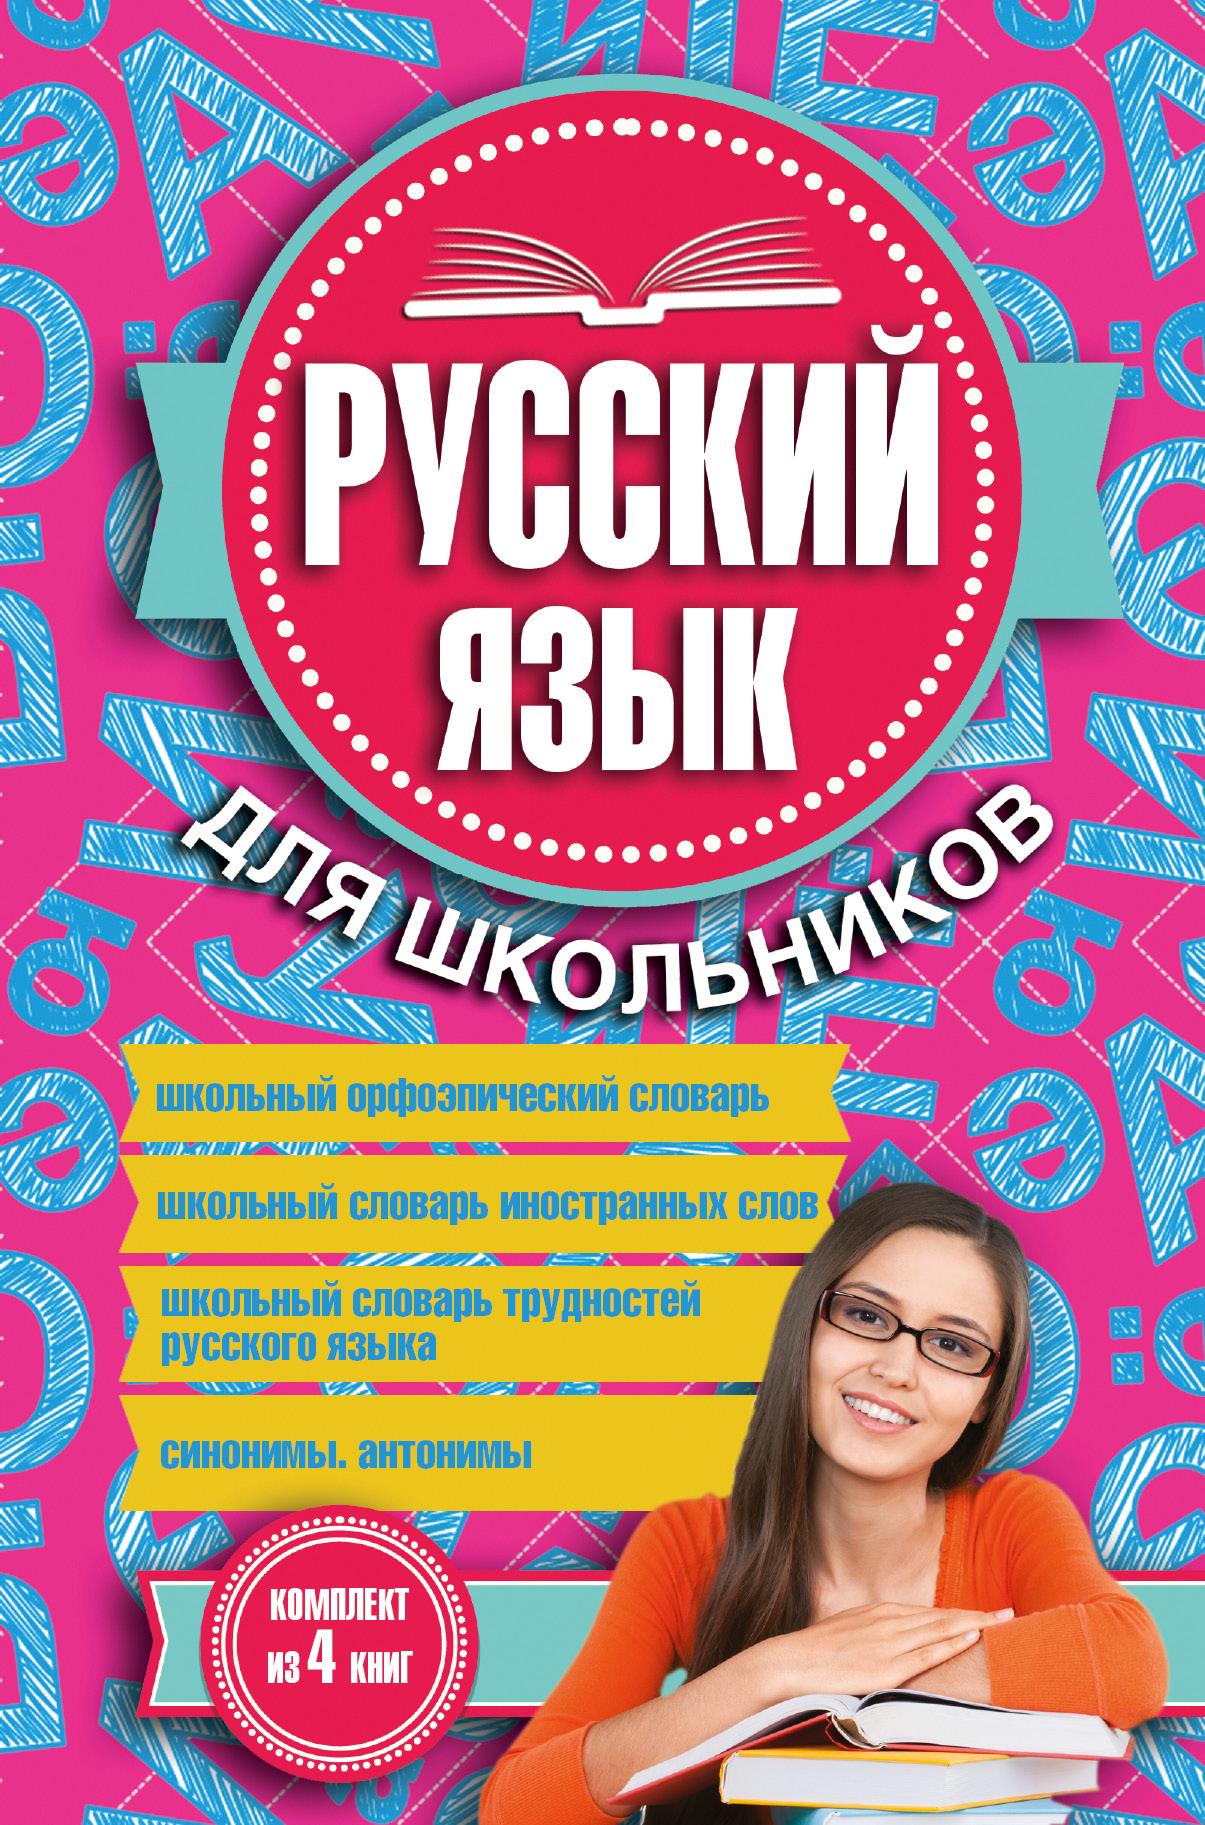 Русский язык для школьников. 4 книги в одном комплекте школьный словарь иностранных слов